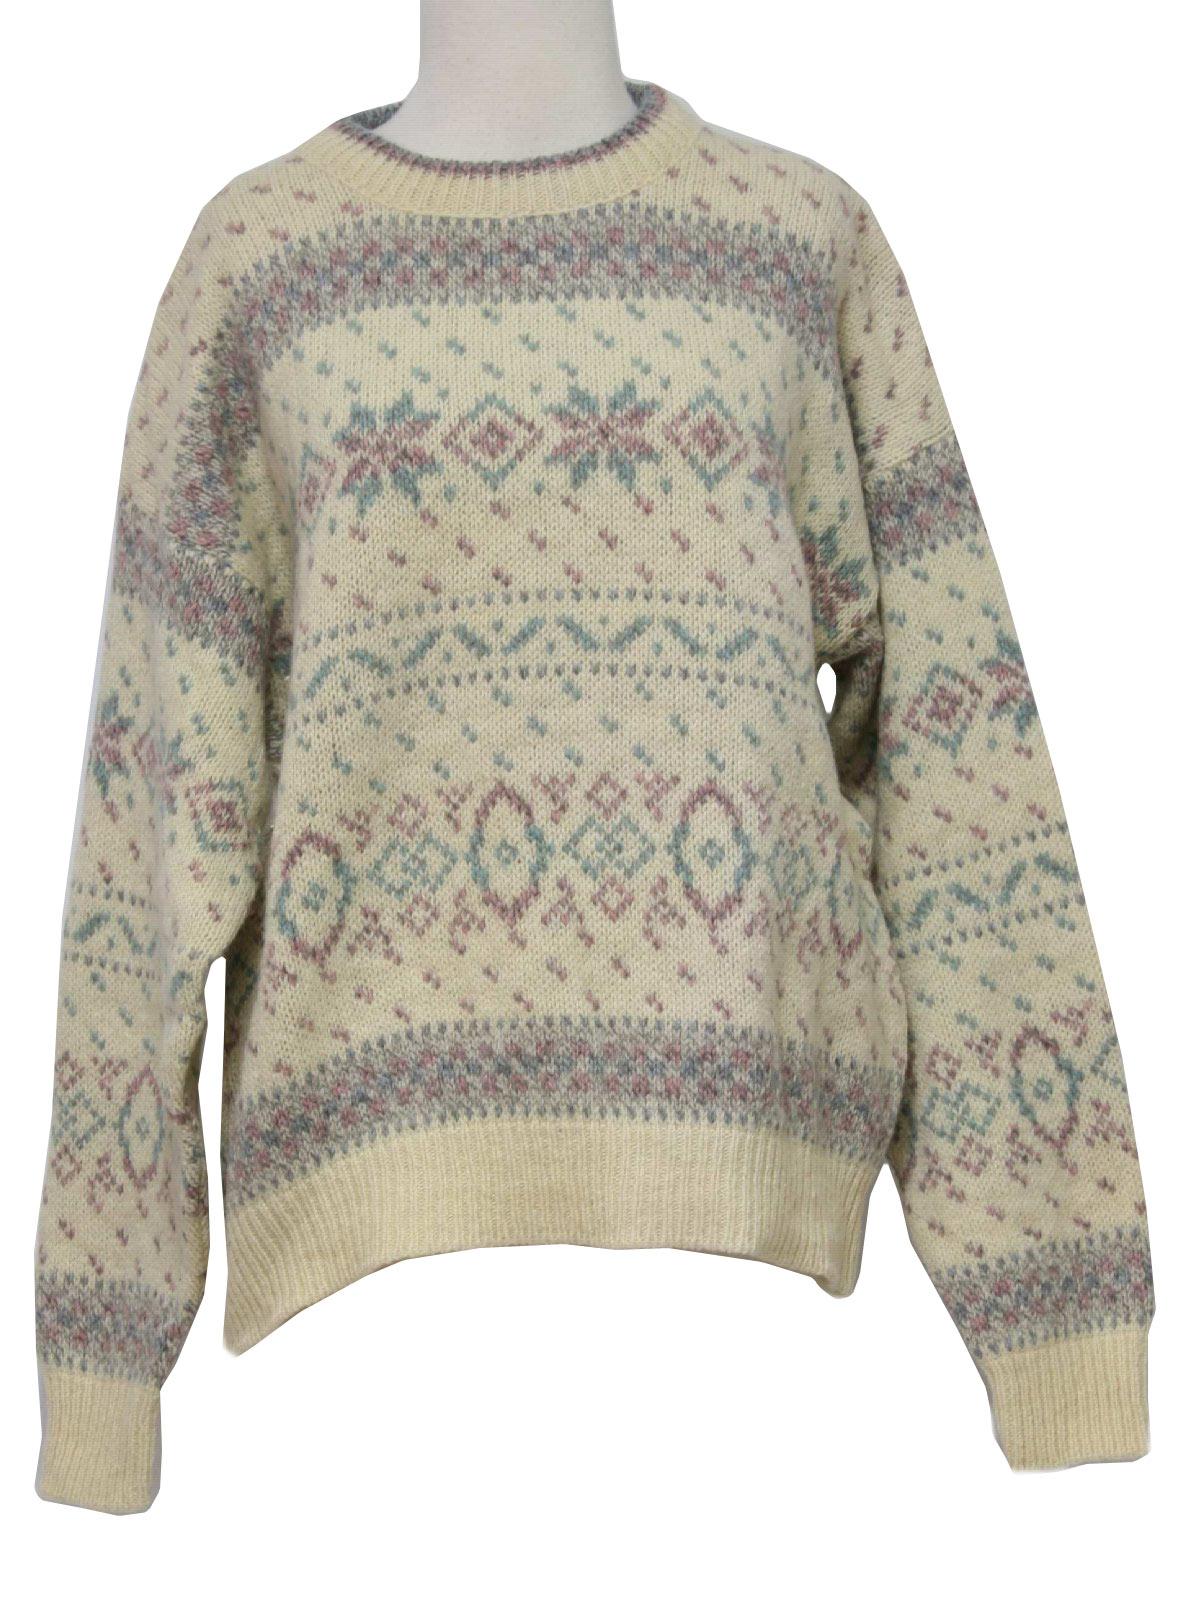 Retro 1990s Sweater 90s Eddie Bauer Womens Natural